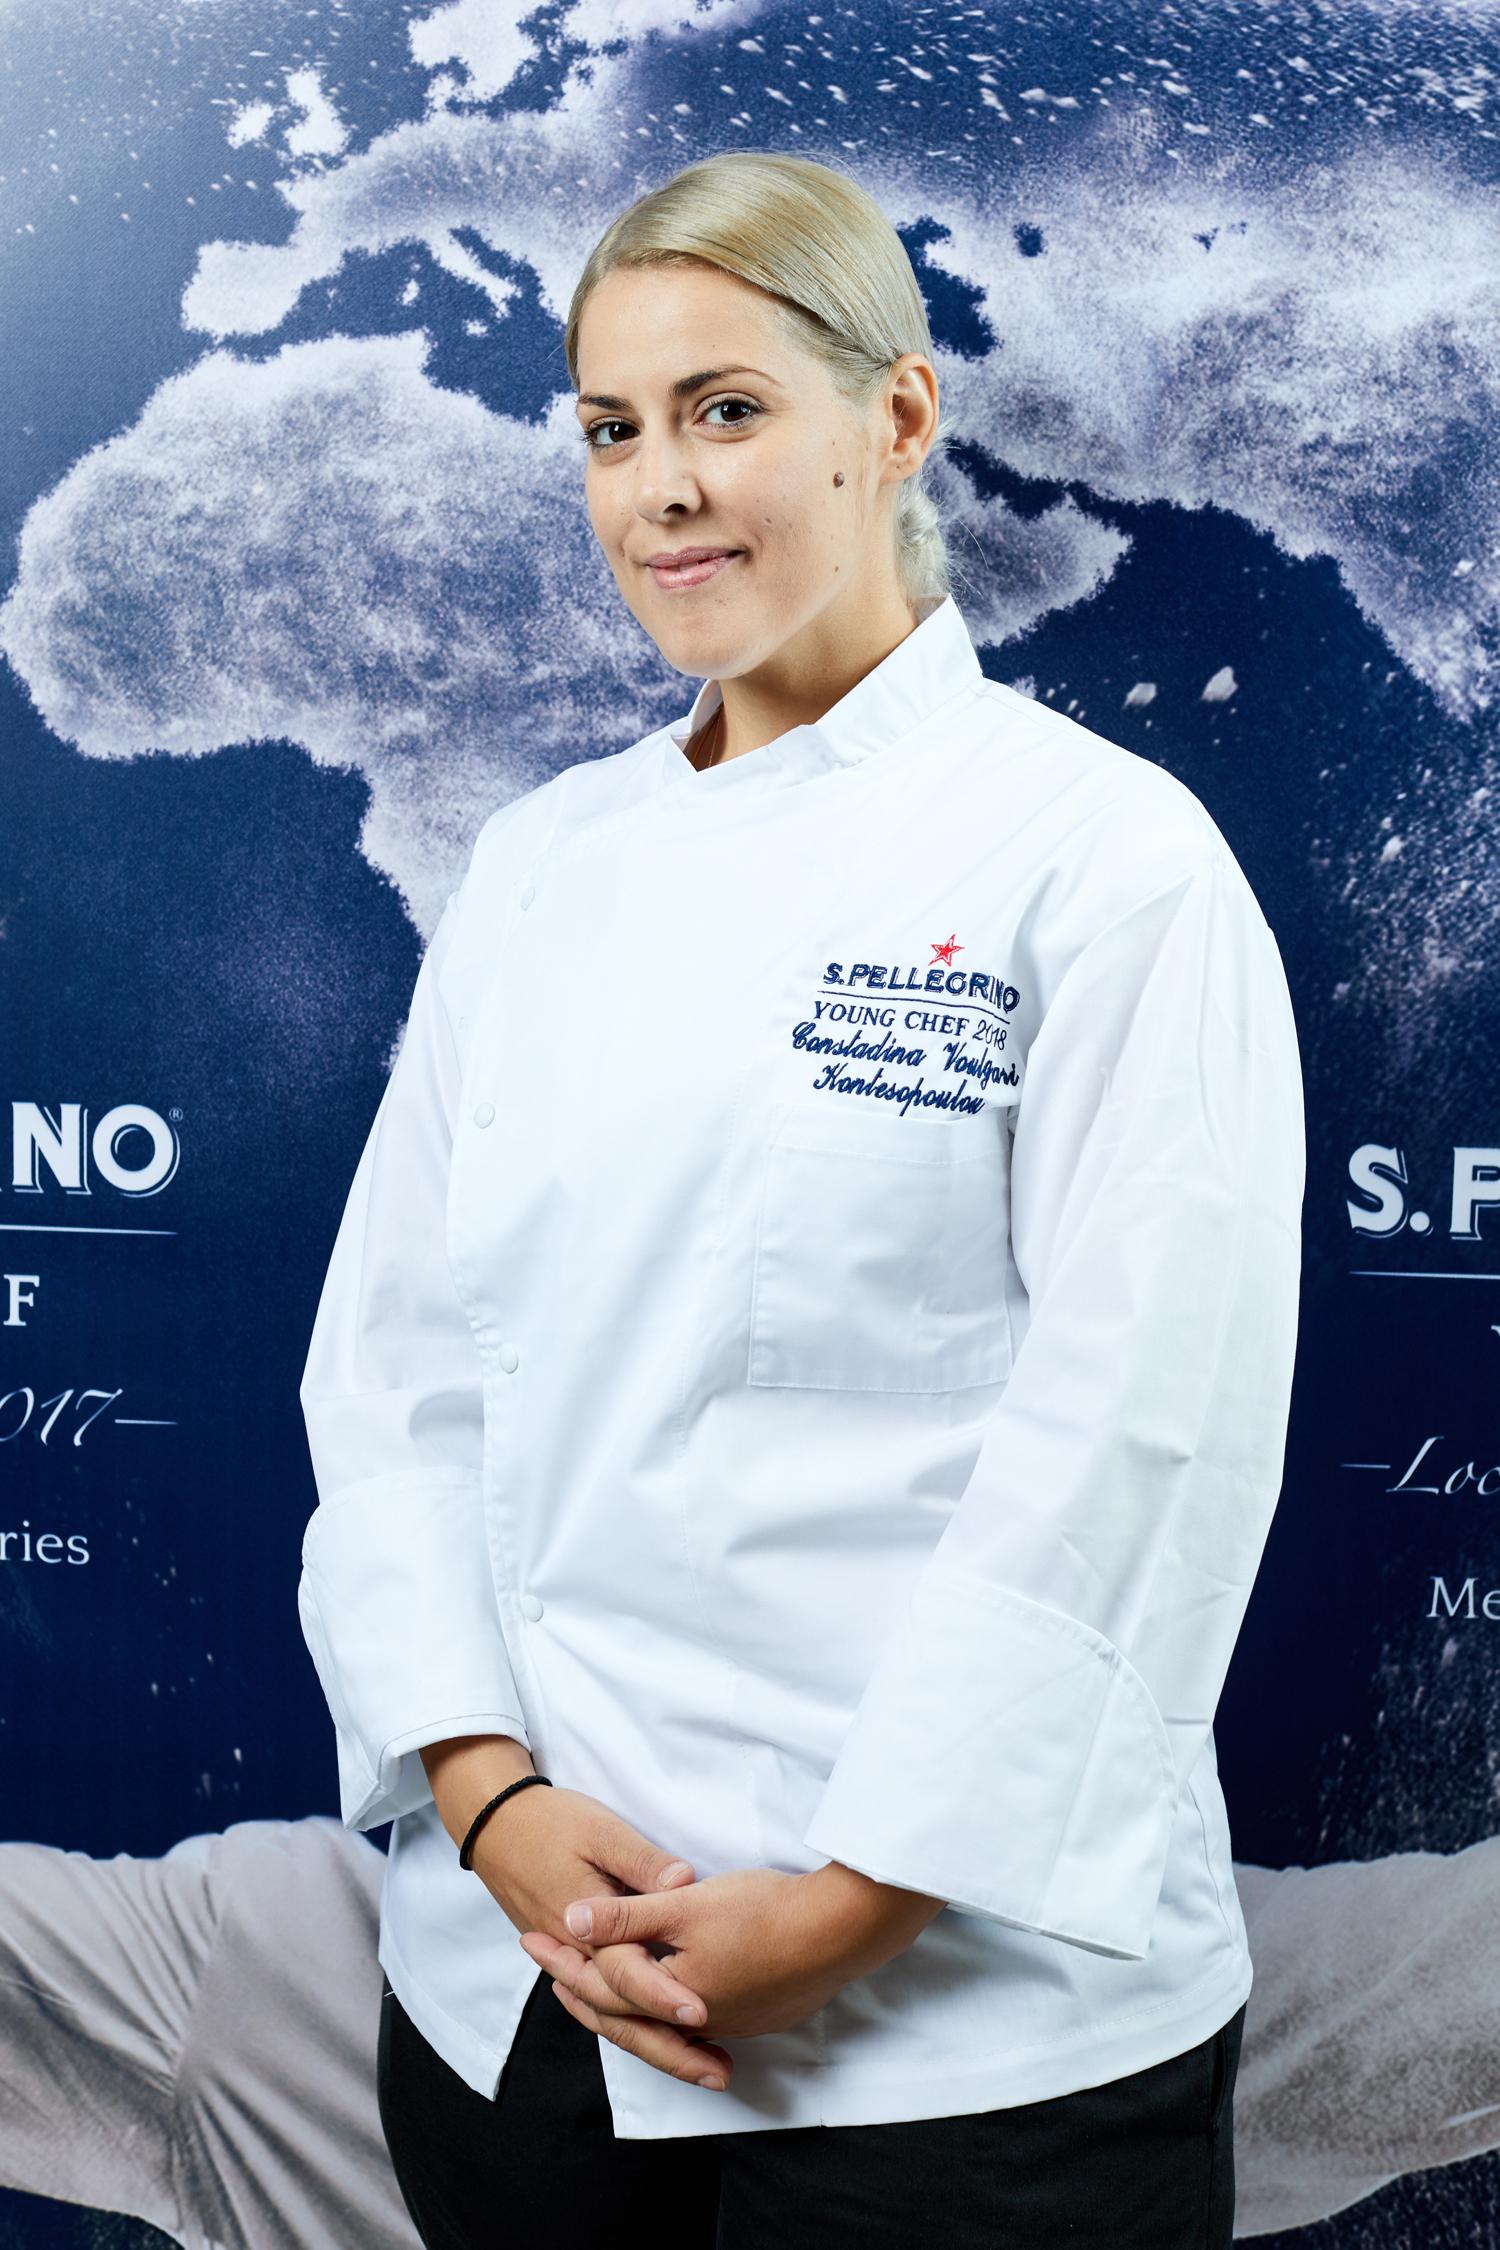 Η Κωνσταντίνα Α. Βούλγαρη – Κοντεσοπούλου αναδείχθηκε το περασμένο καλοκαίρι νικήτρια για τις Χώρες της Μεσογείου στον Τοπικό Διαγωνισμό S. Pellegrino Young Chef 2018